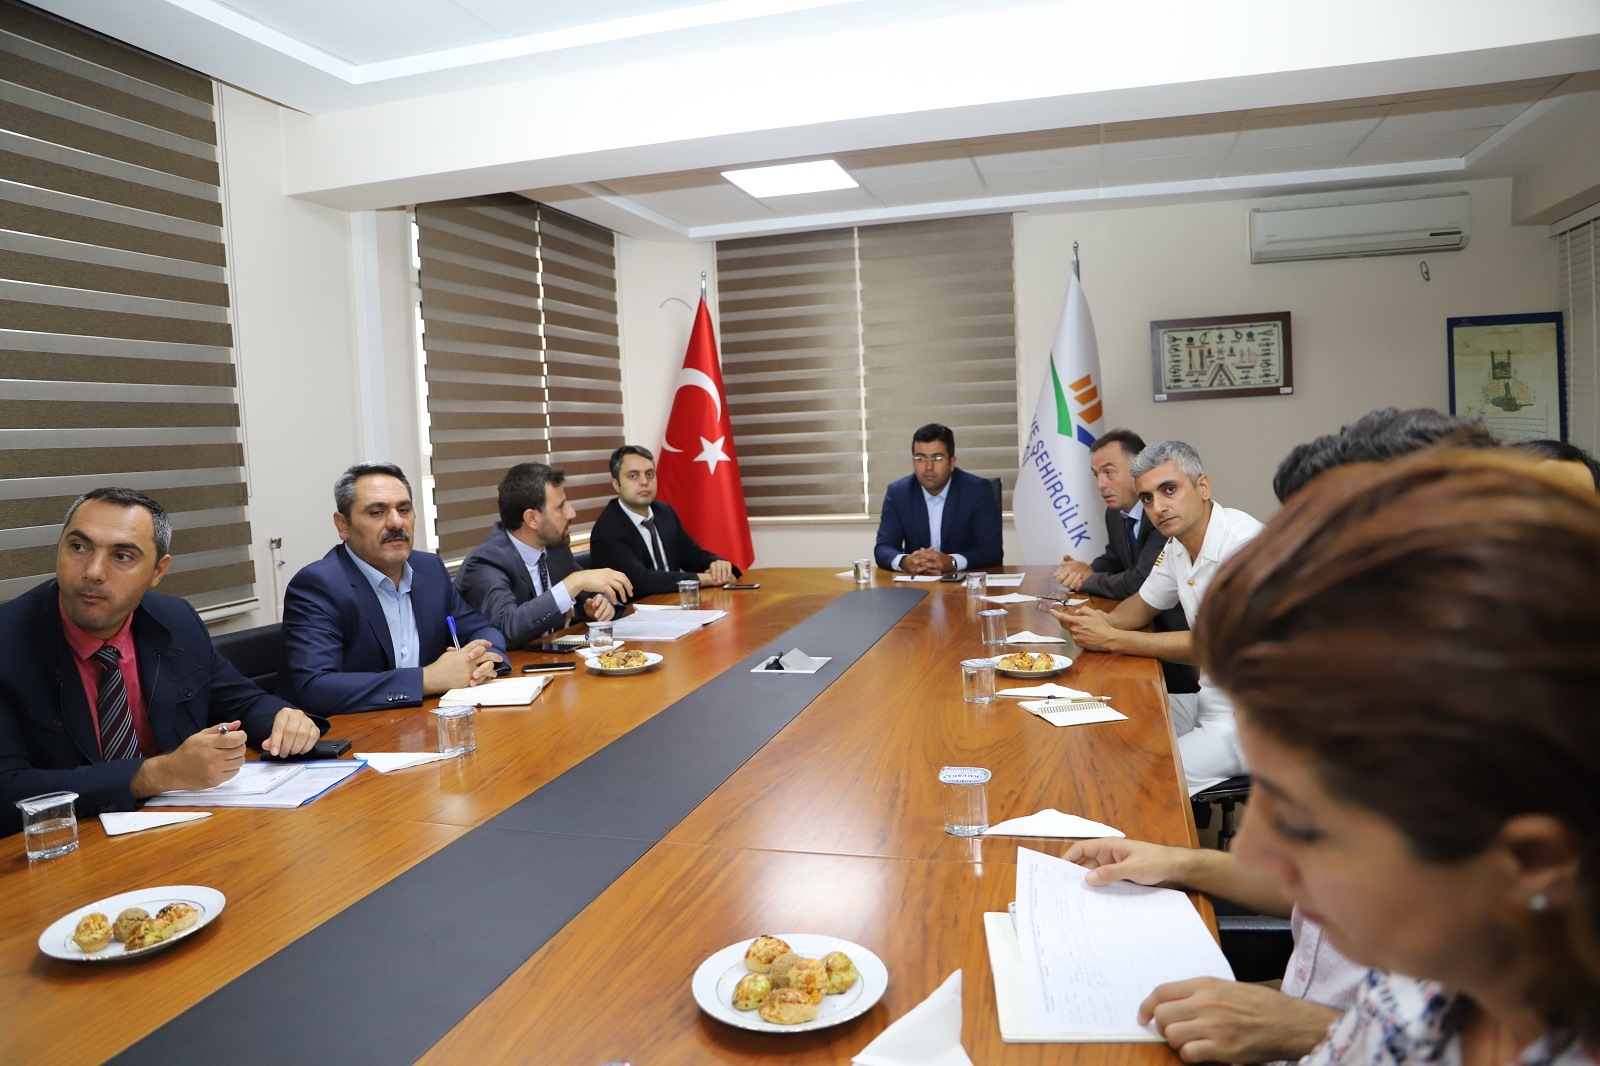 İl Müdür Yardımcımız Mehmet Sabri KAPLAN başkanlığında, DİPTAR Komisyonu Düzenlendi